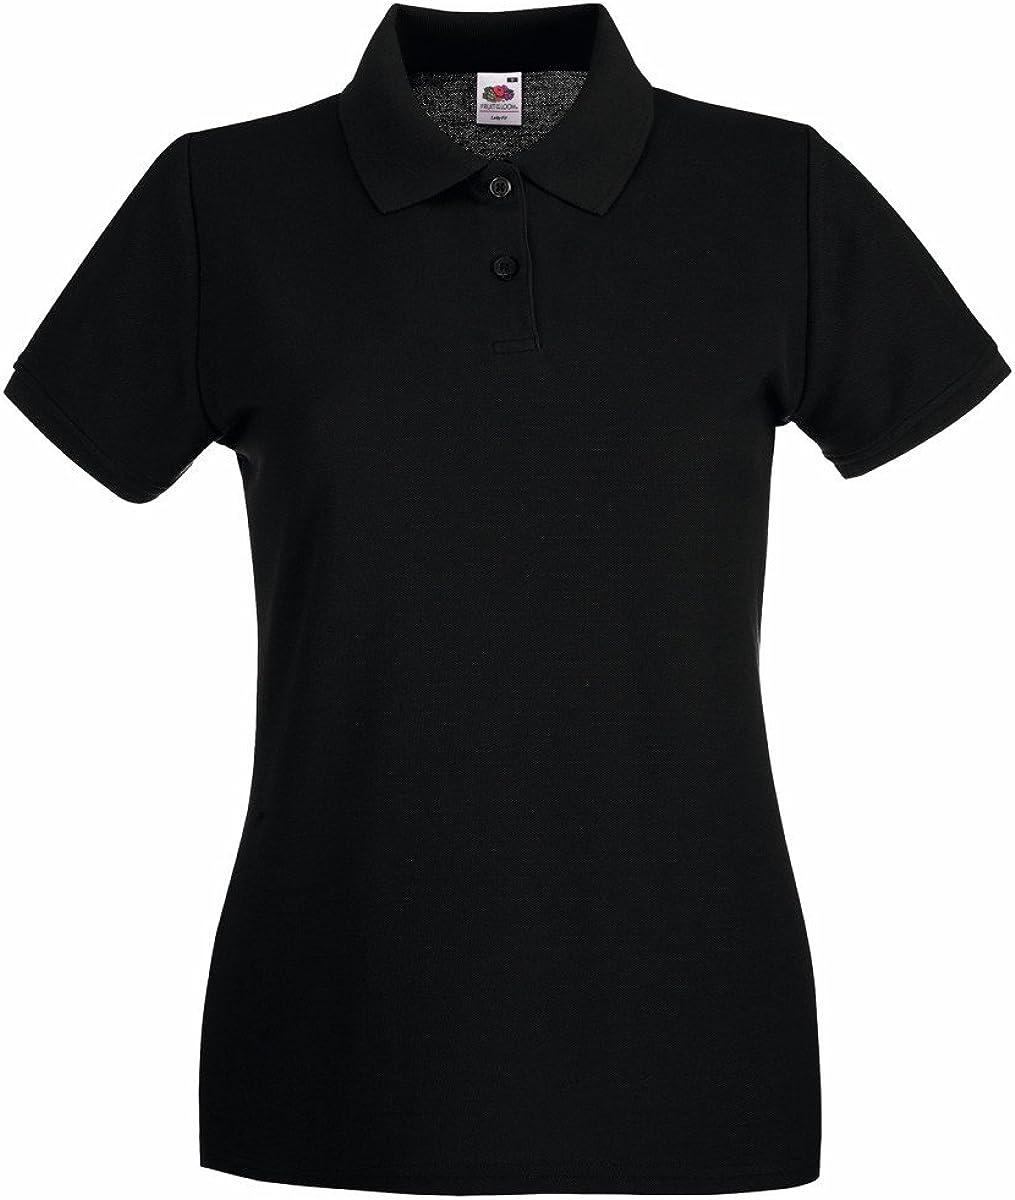 Womens FOTL Lady-Fit Premium Polo T Shirt-Black-Medium